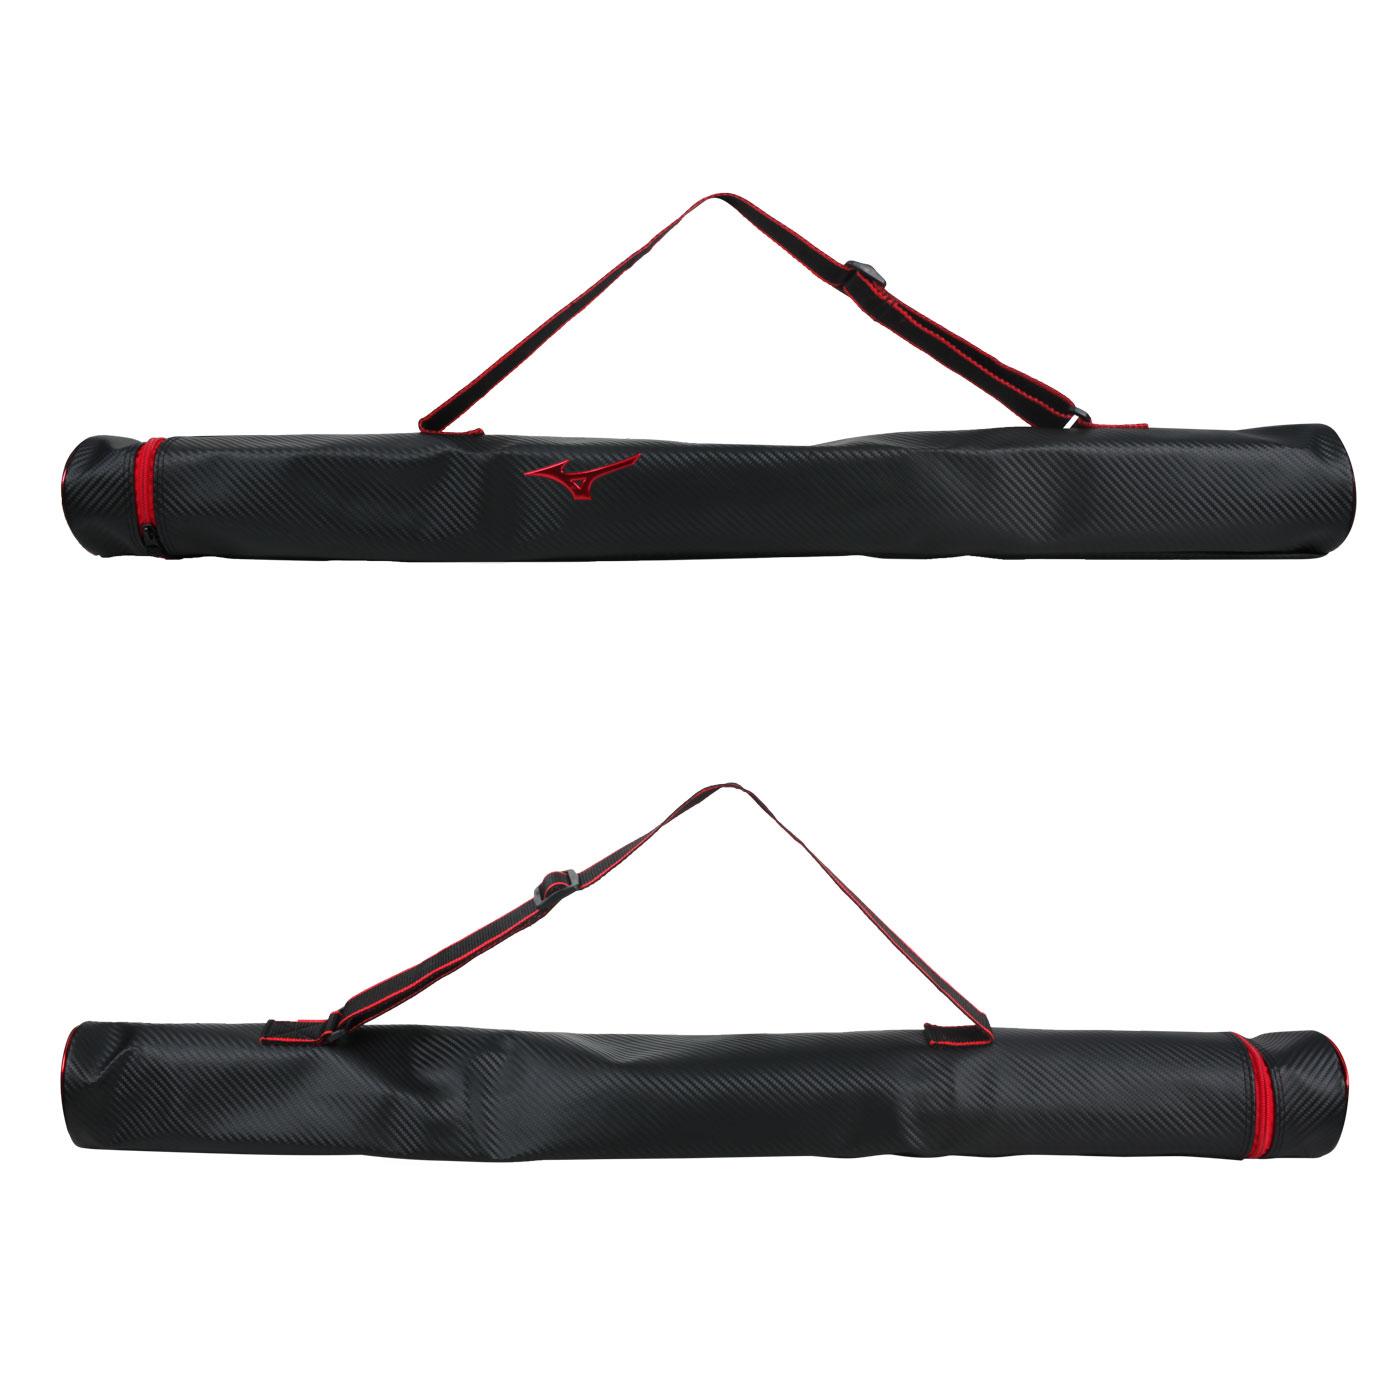 MIZUNO 單支裝球棒袋 1FTT063409 - 黑紅